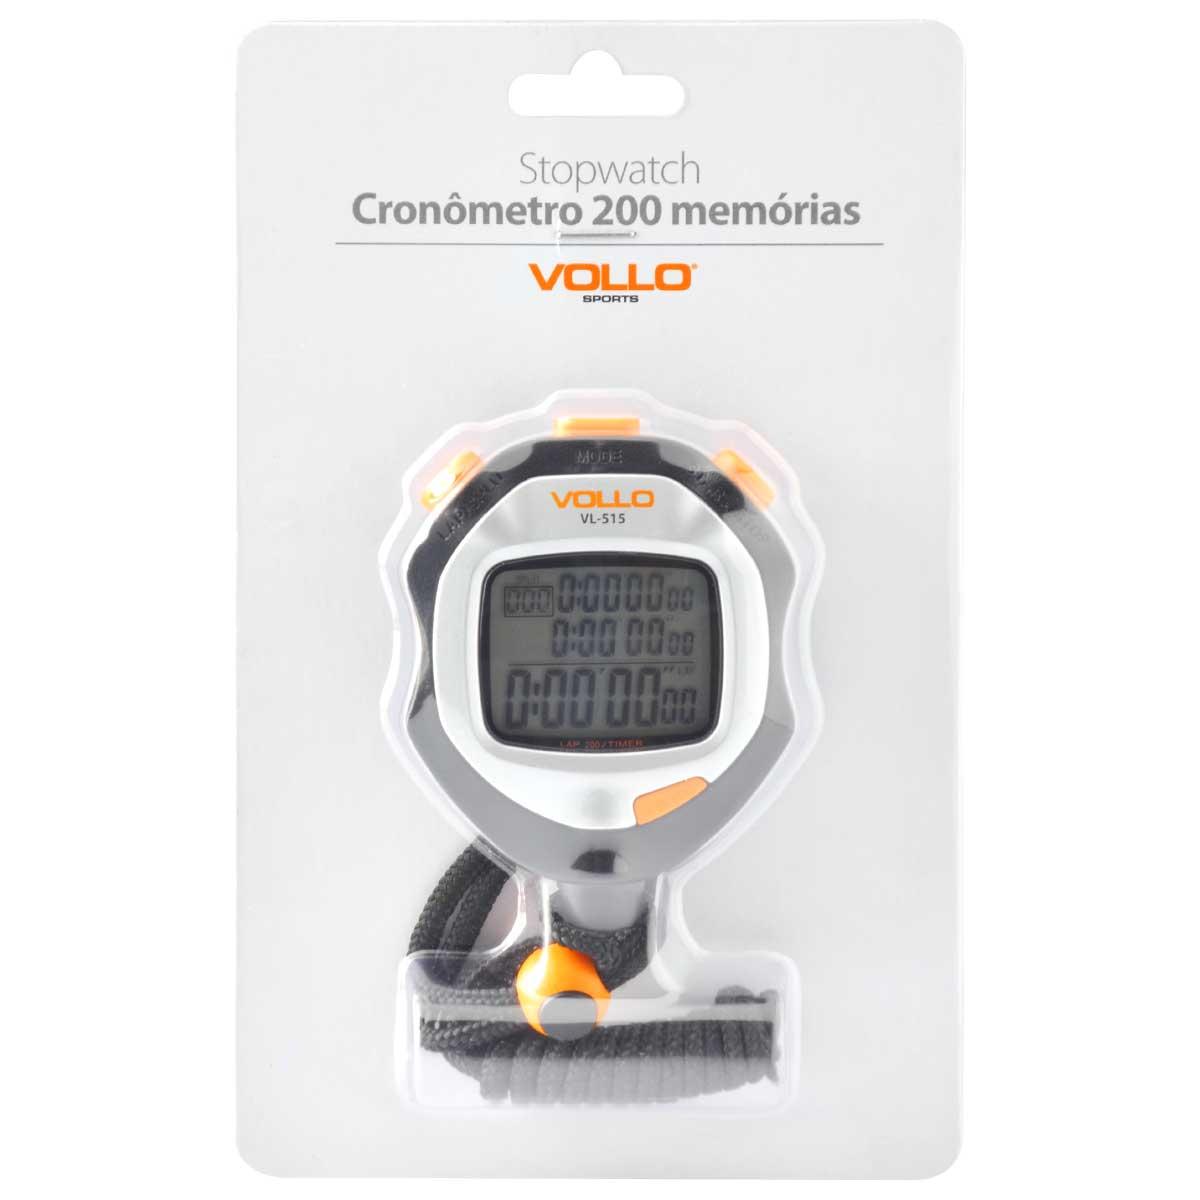 Cronômetro Vollo Stopwatch VL515 200 Memórias